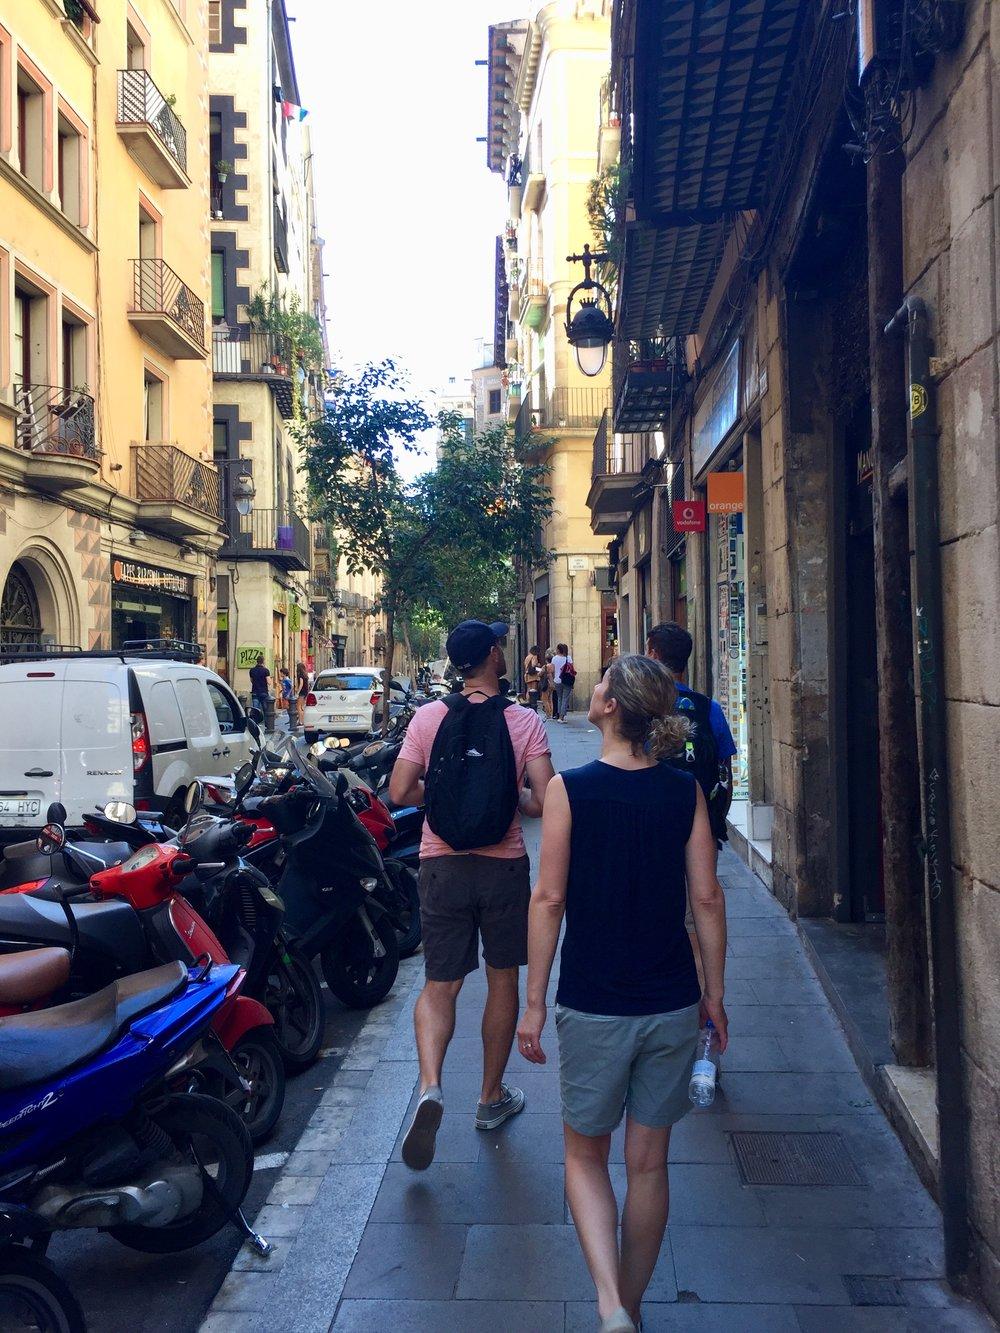 Barcelona Spain Touring.jpg